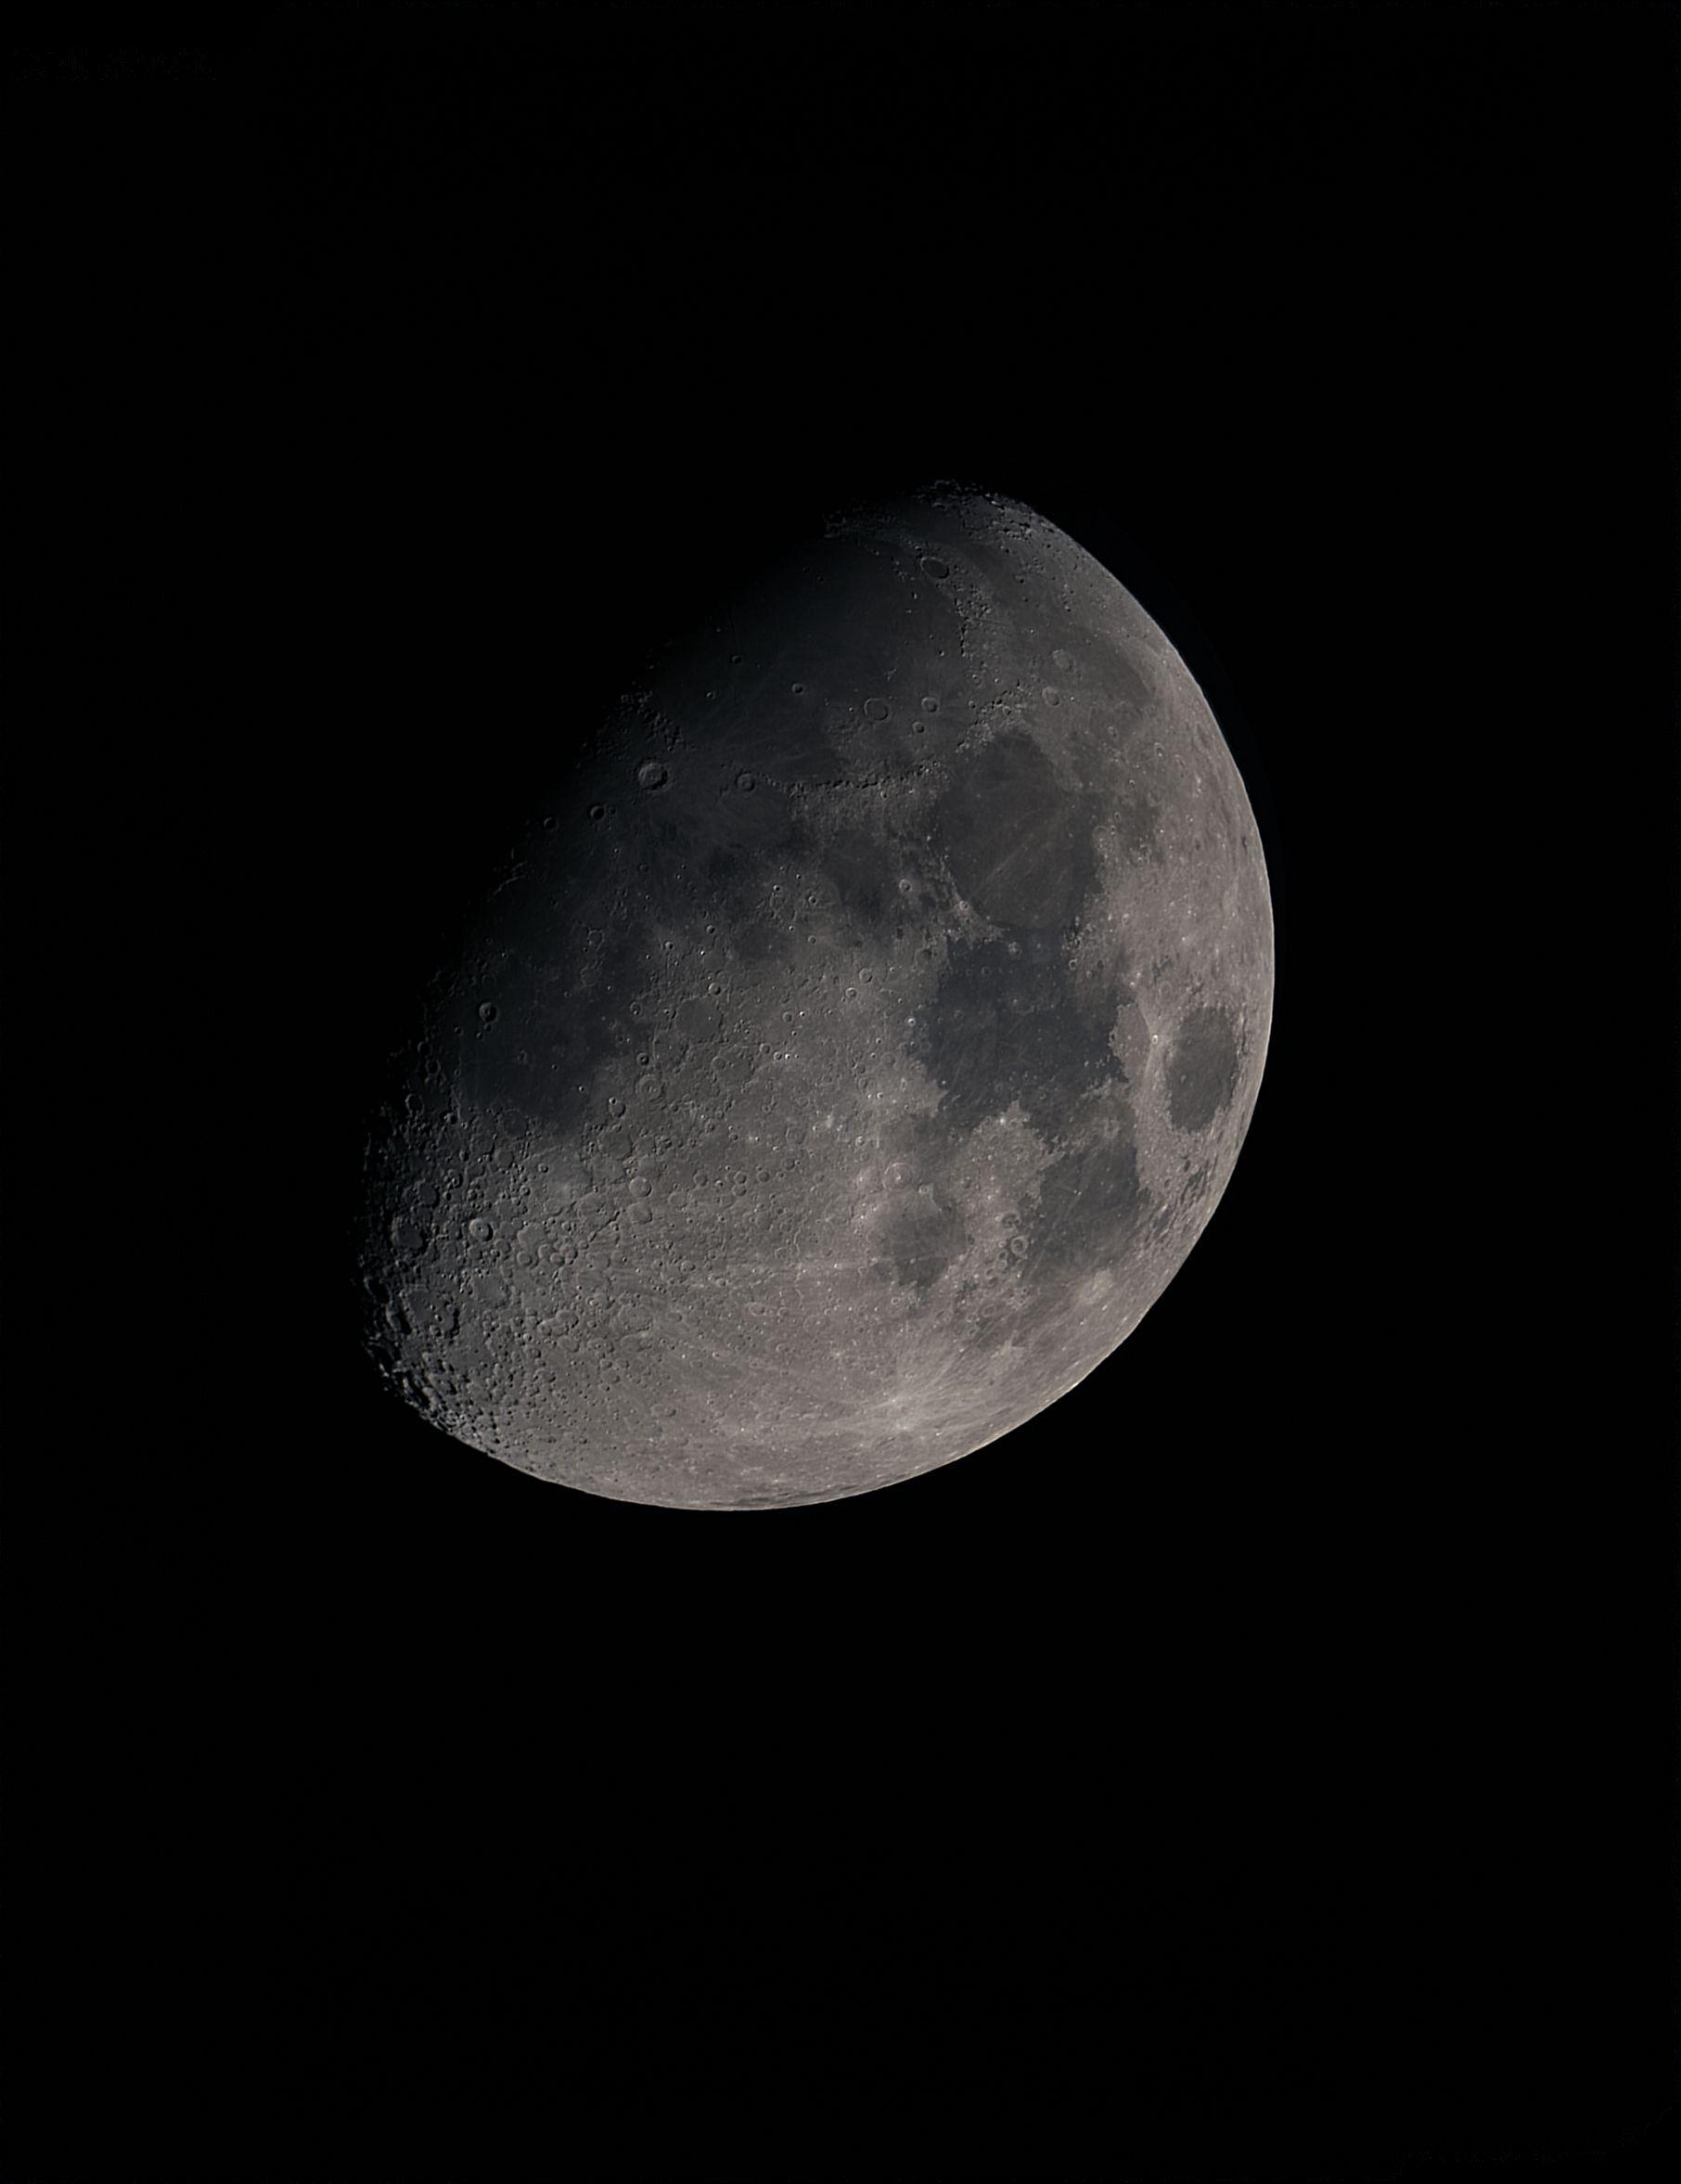 lune-2019-04-14-soir.jpg